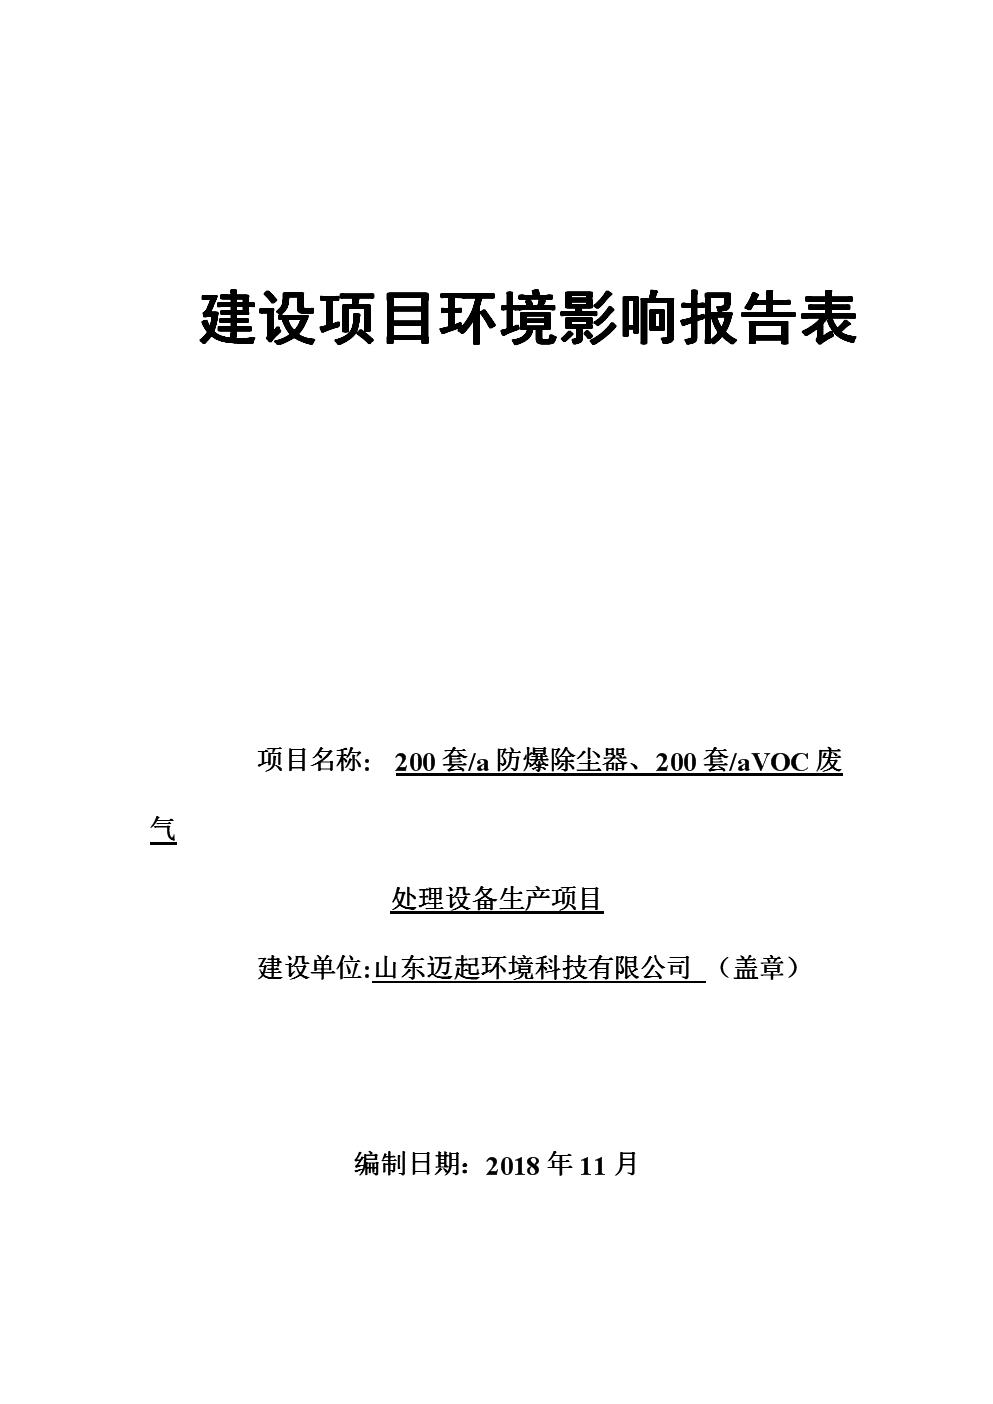 山东迈起环境科技有限公司年产200套防爆除尘器、年产200套VOC废气处理设备生产项目环境影响报告表.doc